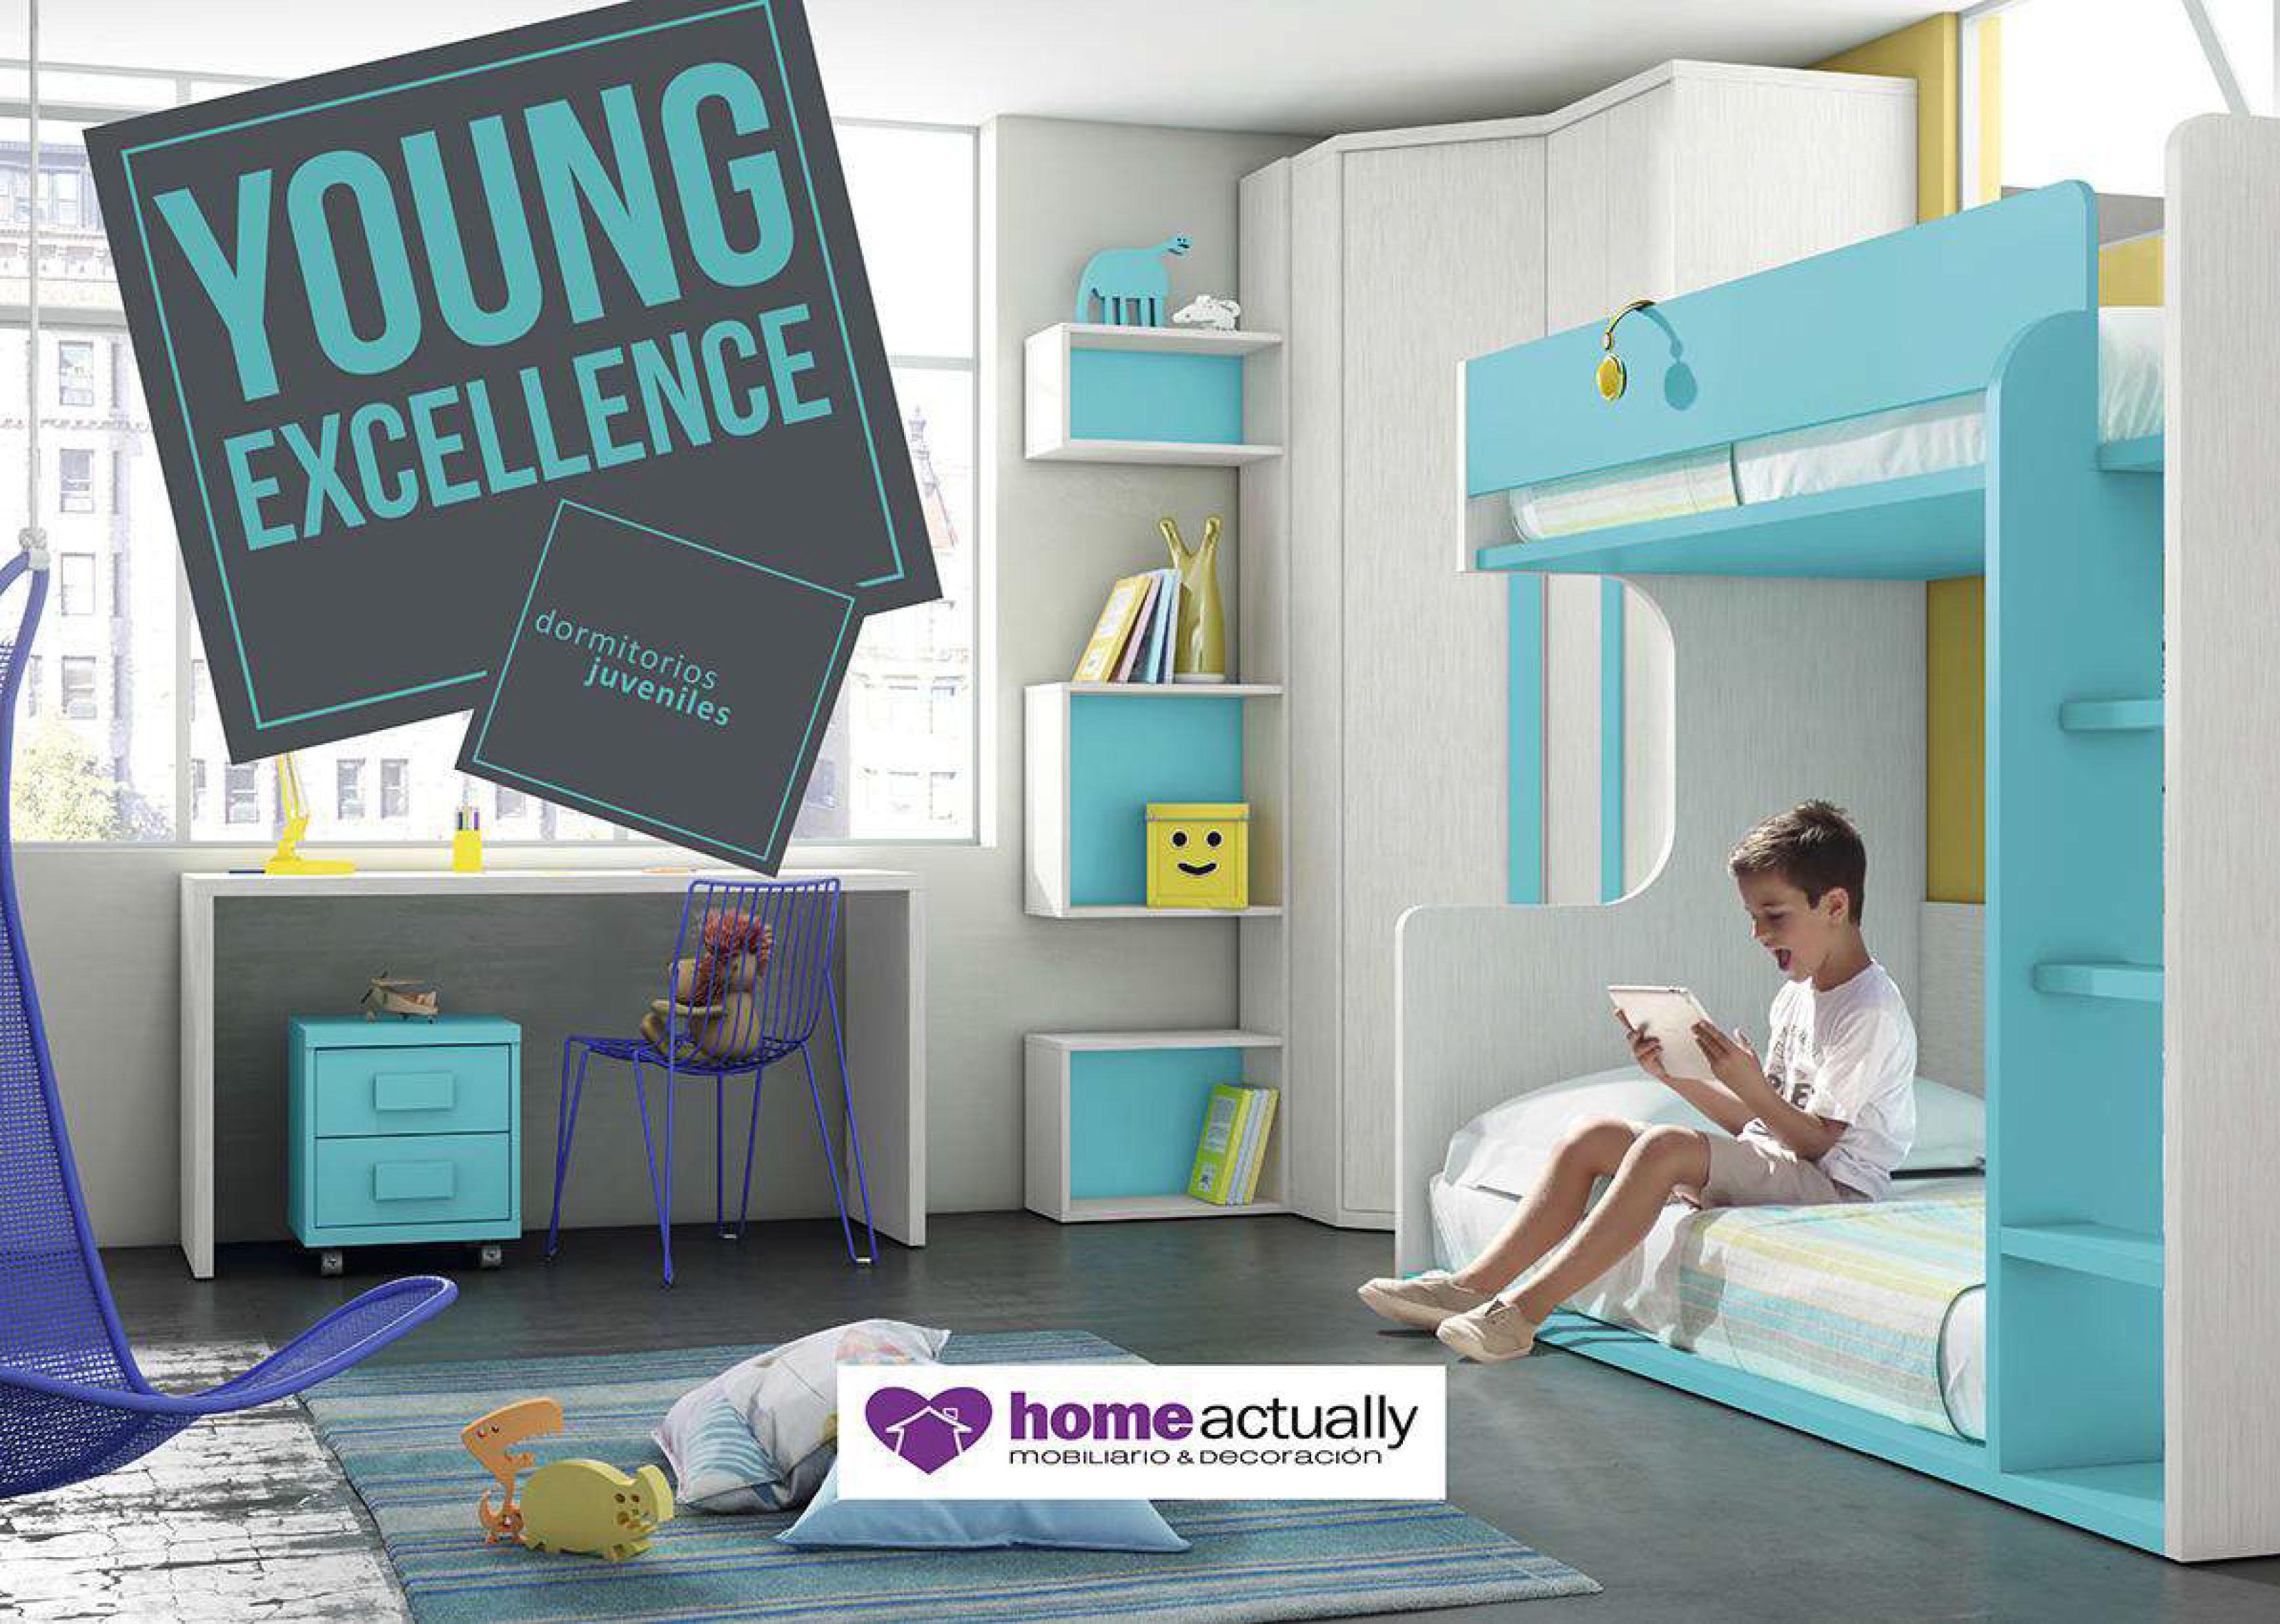 Juveniles Excellence